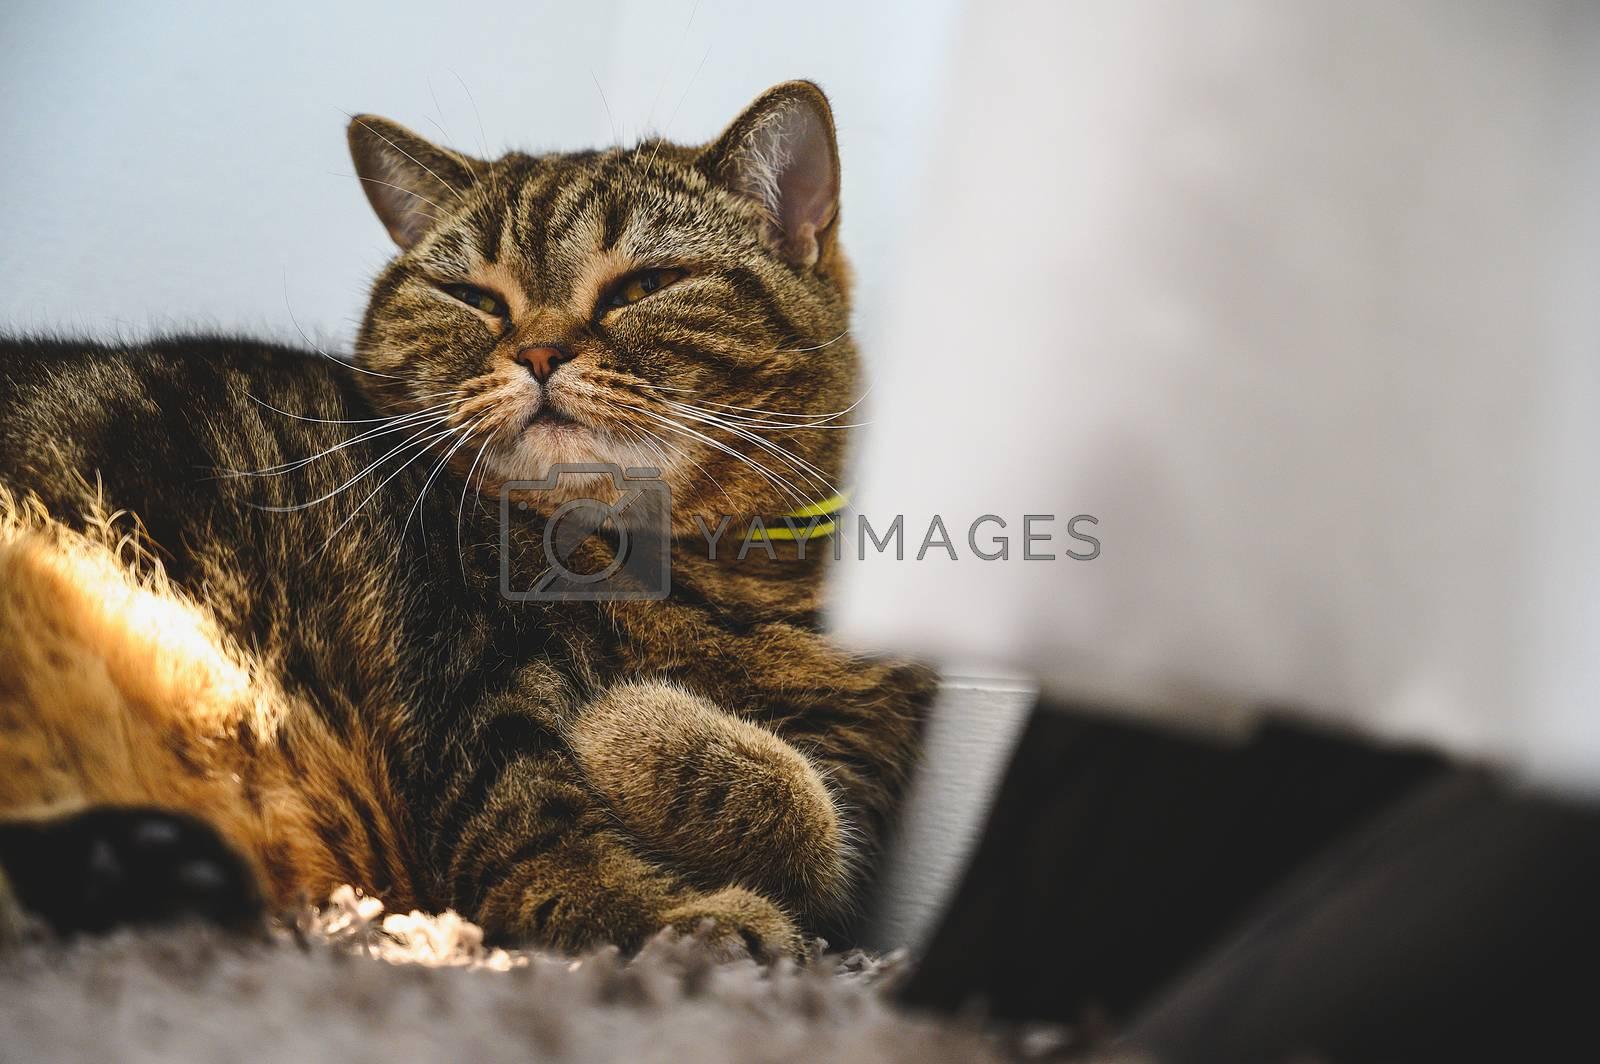 cat Portrait of Happy sleep love to animals concept